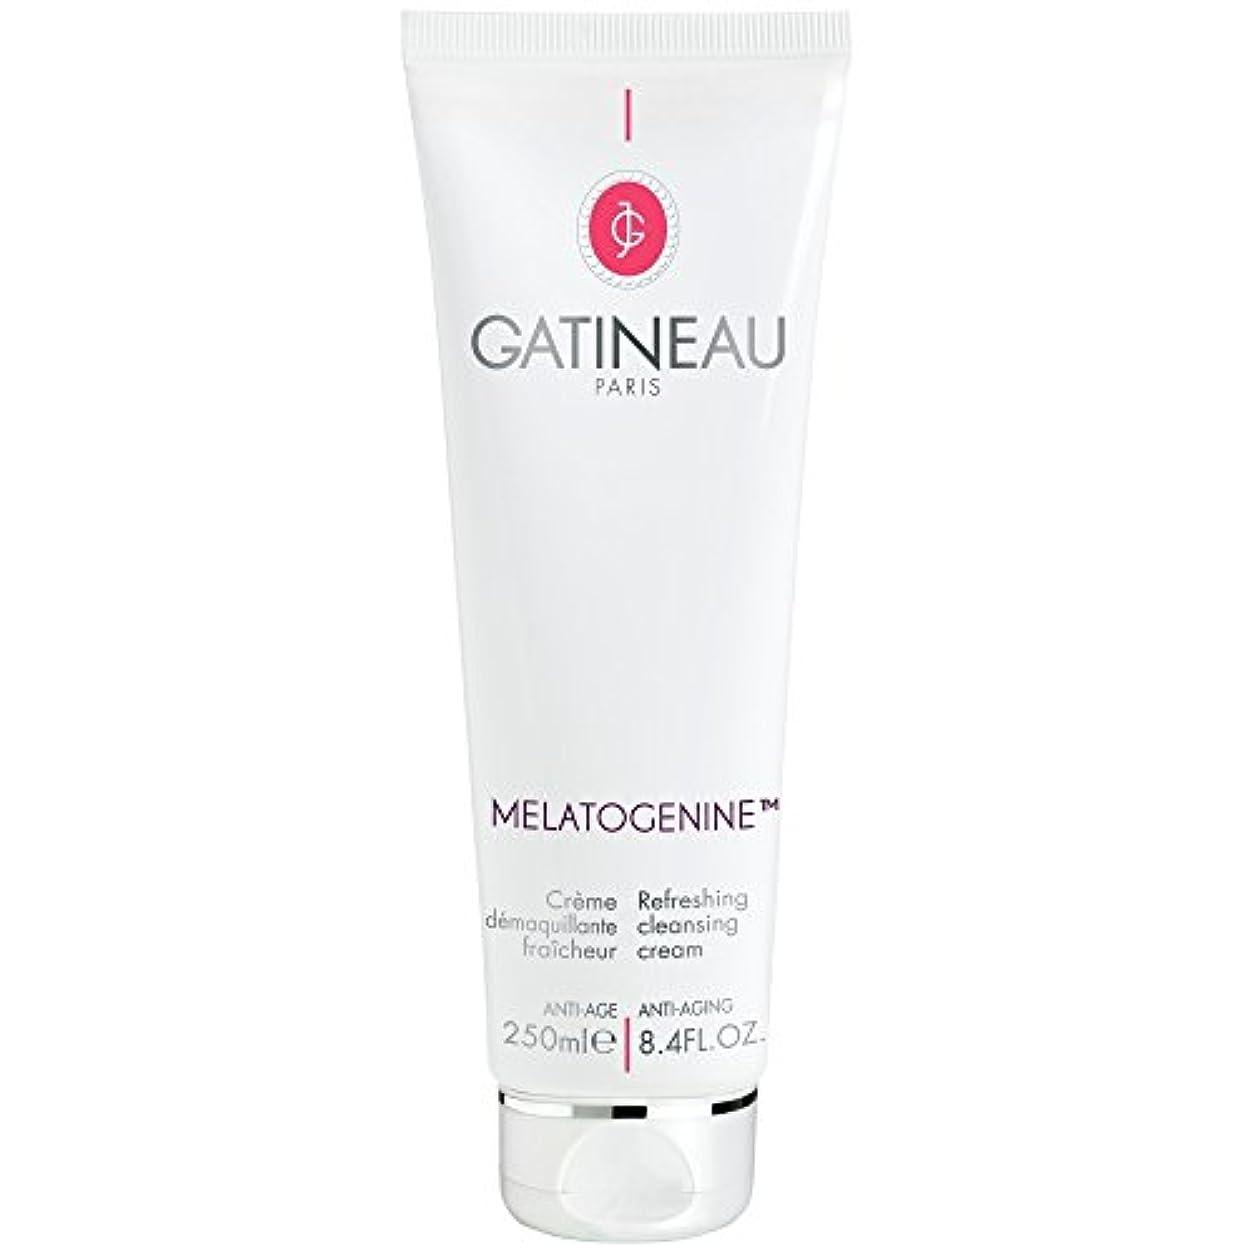 十分ですドメイン欠かせないガティノーMelatogenine?さわやかなクレンジングクリーム、250ミリリットル (Gatineau) (x2) - Gatineau Melatogenine? Refreshing Cleansing Cream, 250ml (Pack of 2) [並行輸入品]